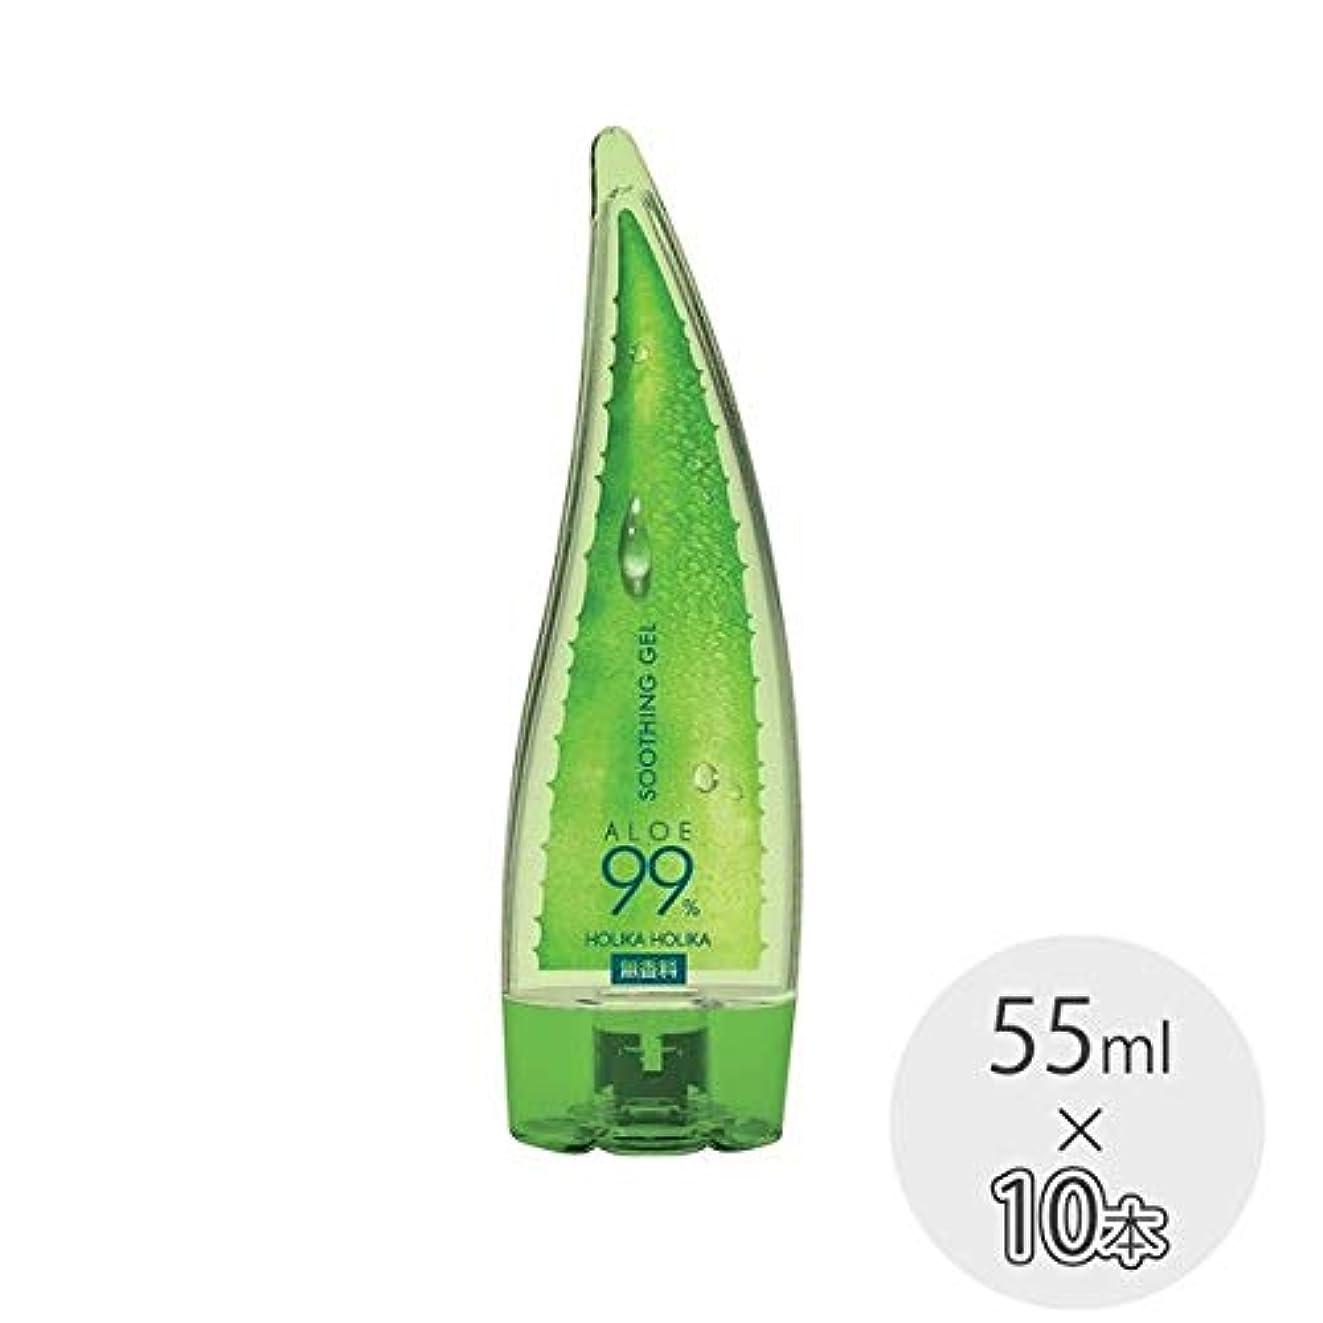 デコレーション知っているに立ち寄る居心地の良いHOLIKAHOLIKA ホリカホリカ アロエ99% スージングジェル 無香タイプ 55ml 10本セット (アロエベラ液汁99%配合 無香タイプ)